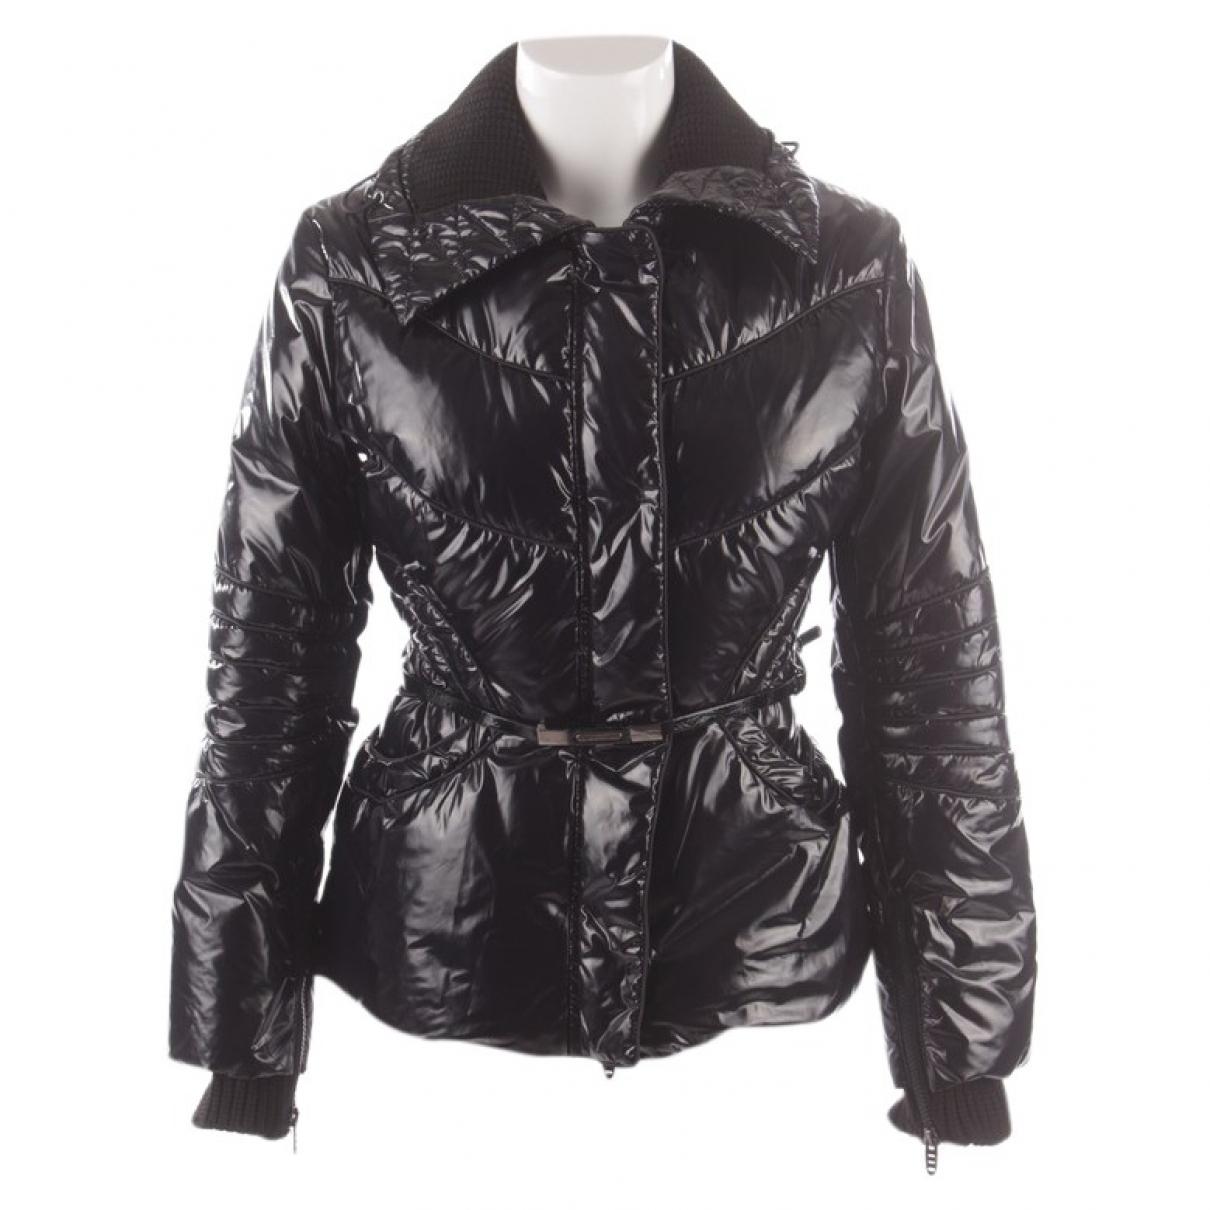 Ermanno Scervino \N Black jacket for Women 36 FR